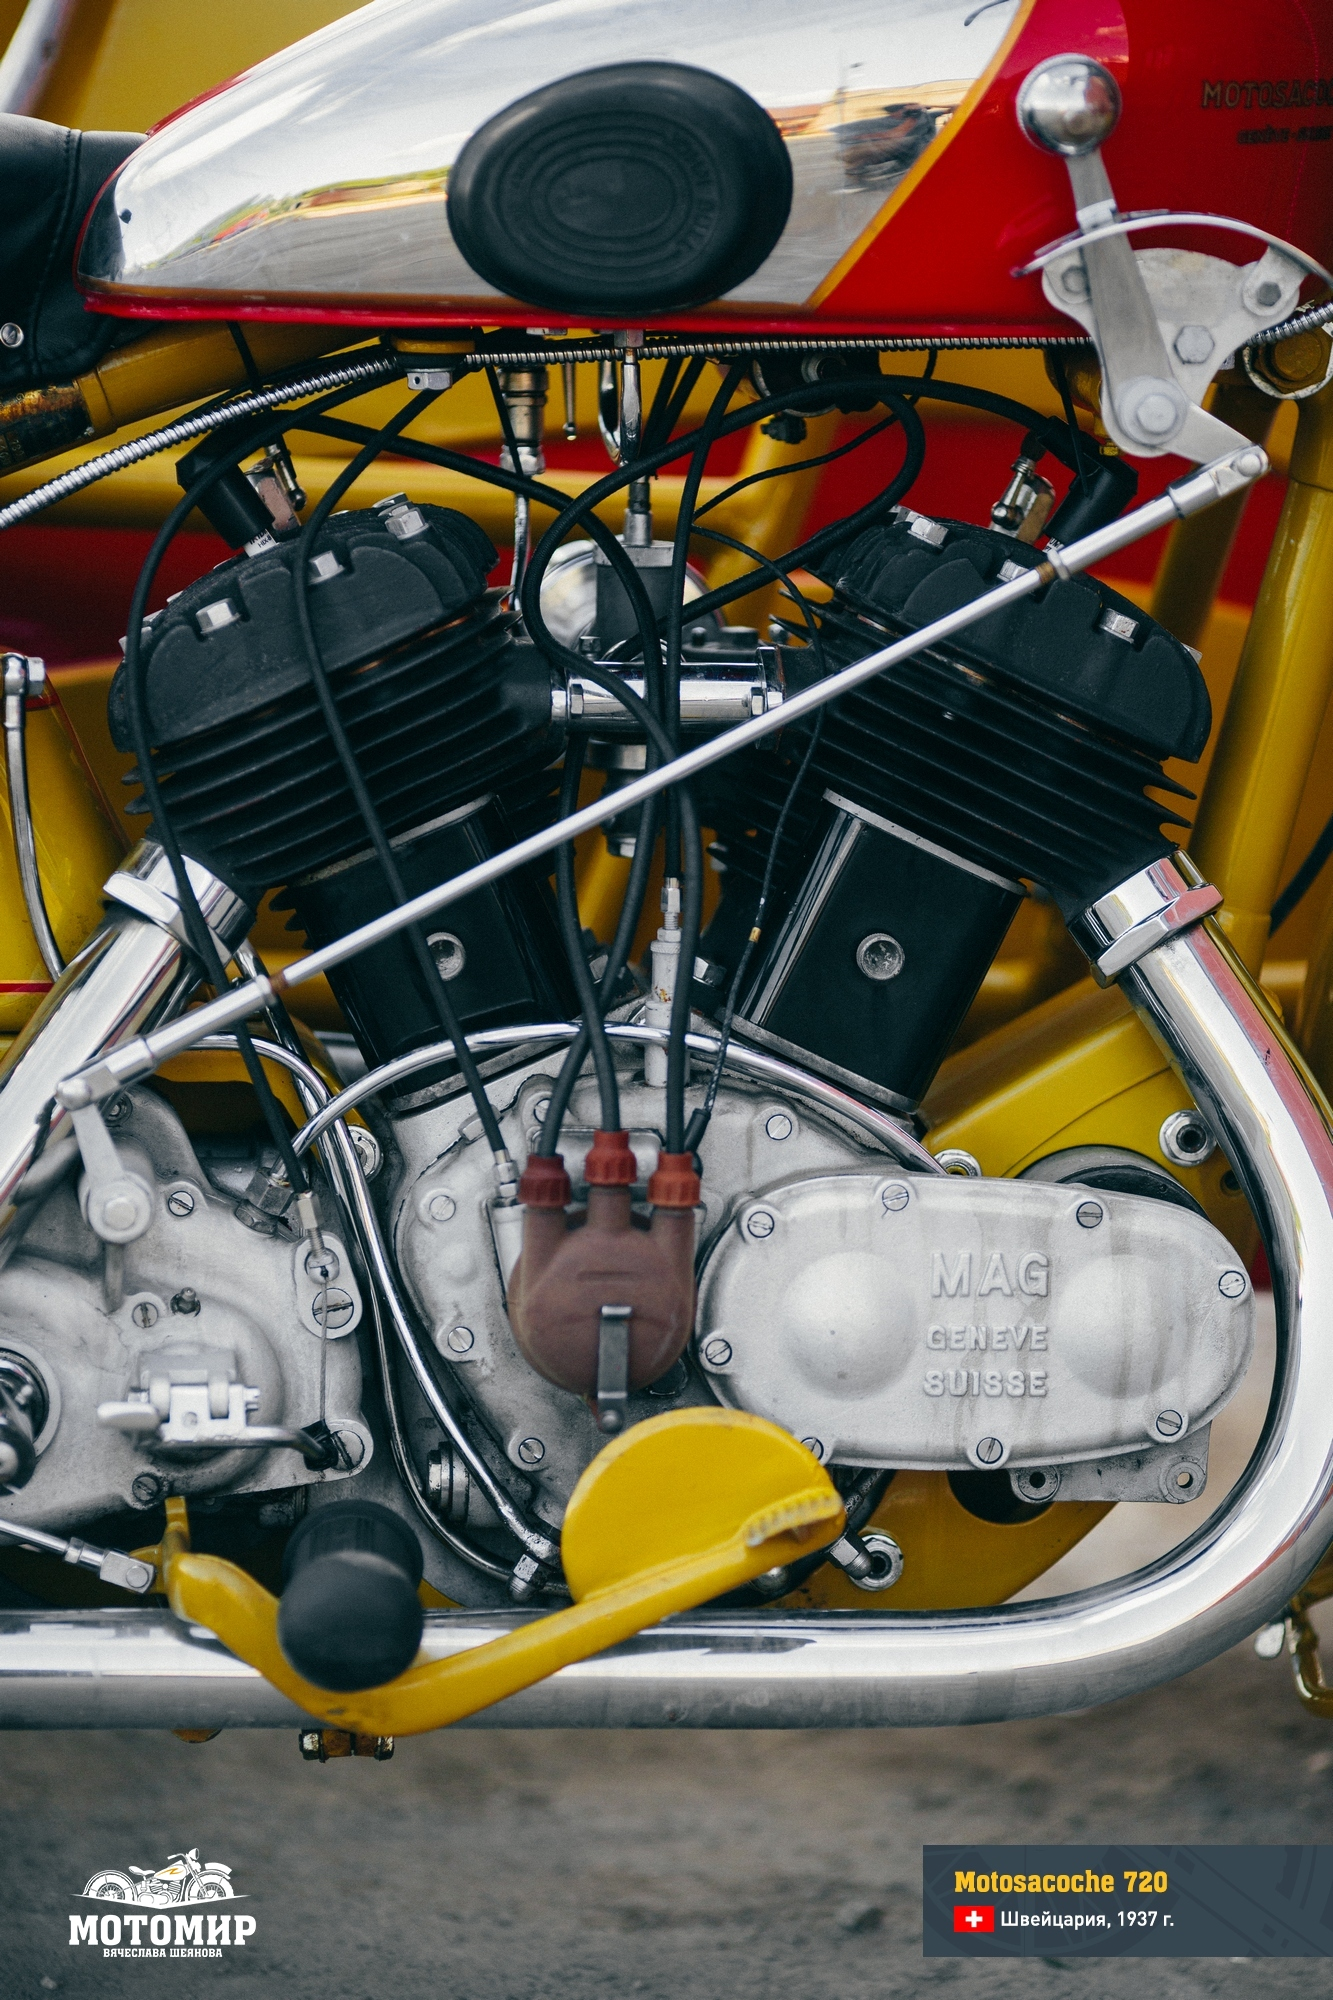 motosacoche-720-201510-web-10